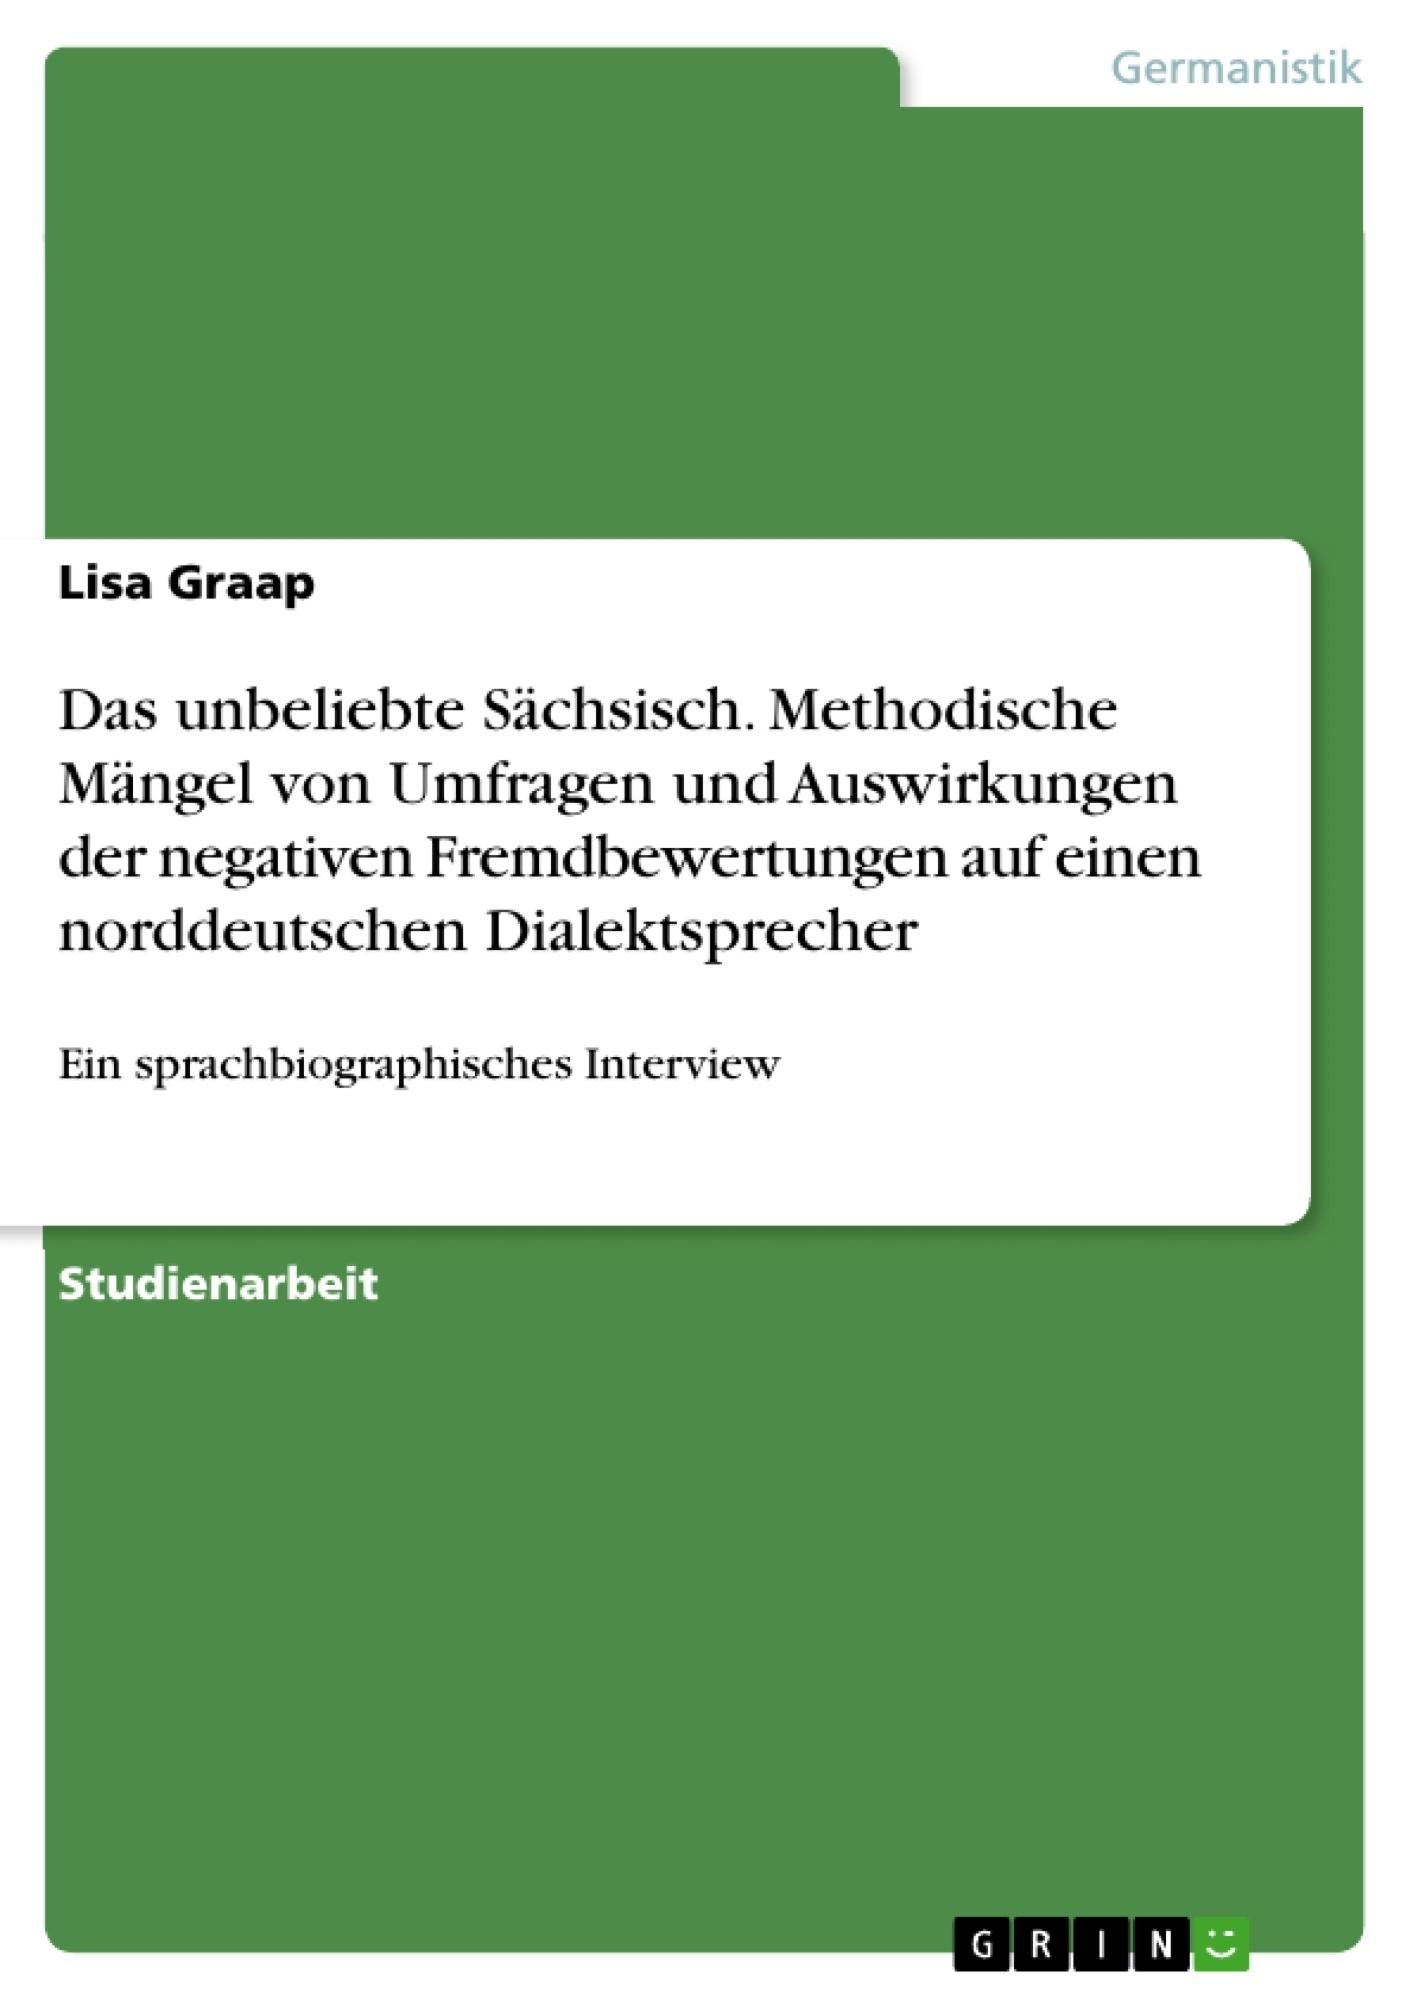 Titel: Das unbeliebte Sächsisch. Methodische Mängel von Umfragen und Auswirkungen der negativen Fremdbewertungen auf einen norddeutschen Dialektsprecher